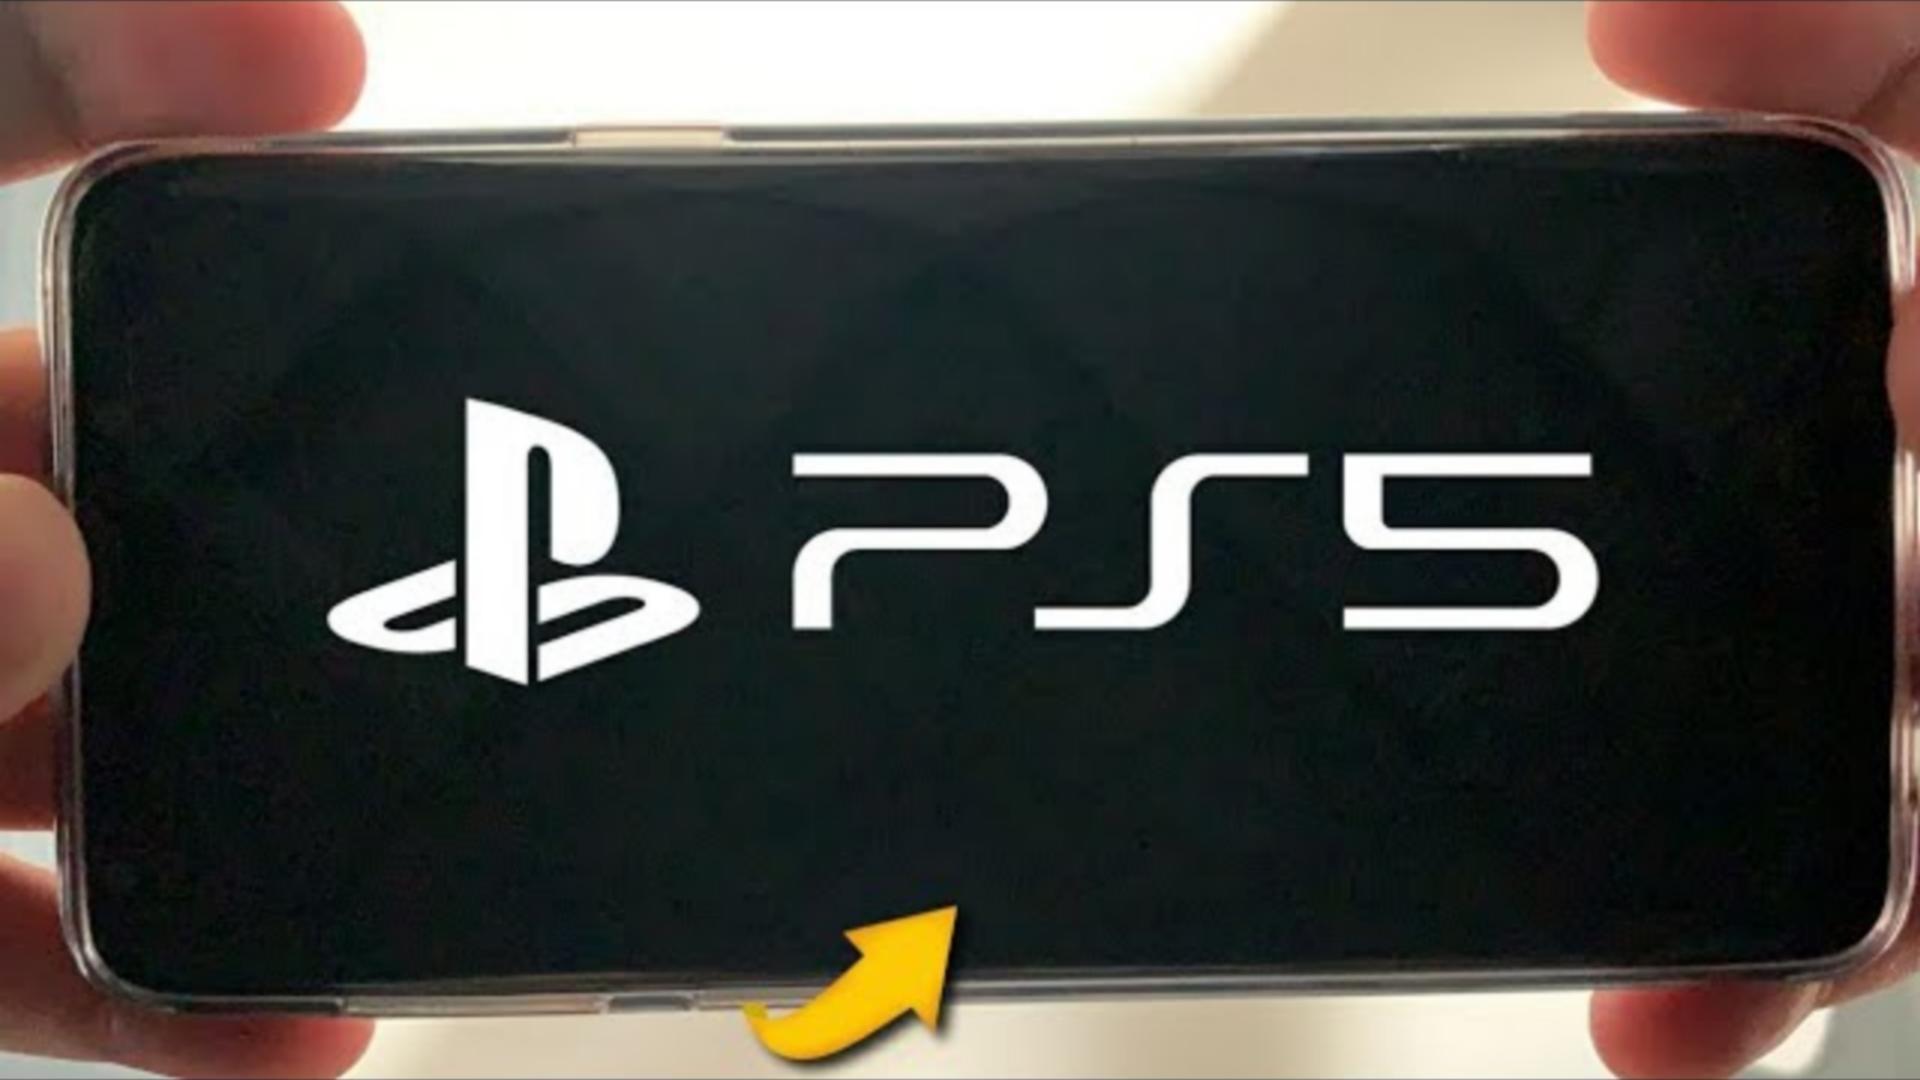 رسميا ! اطلاق محاكي جديد على بلاي ستور لتشغيل العاب PS5 و PC على الهاتف بالمجان 2021